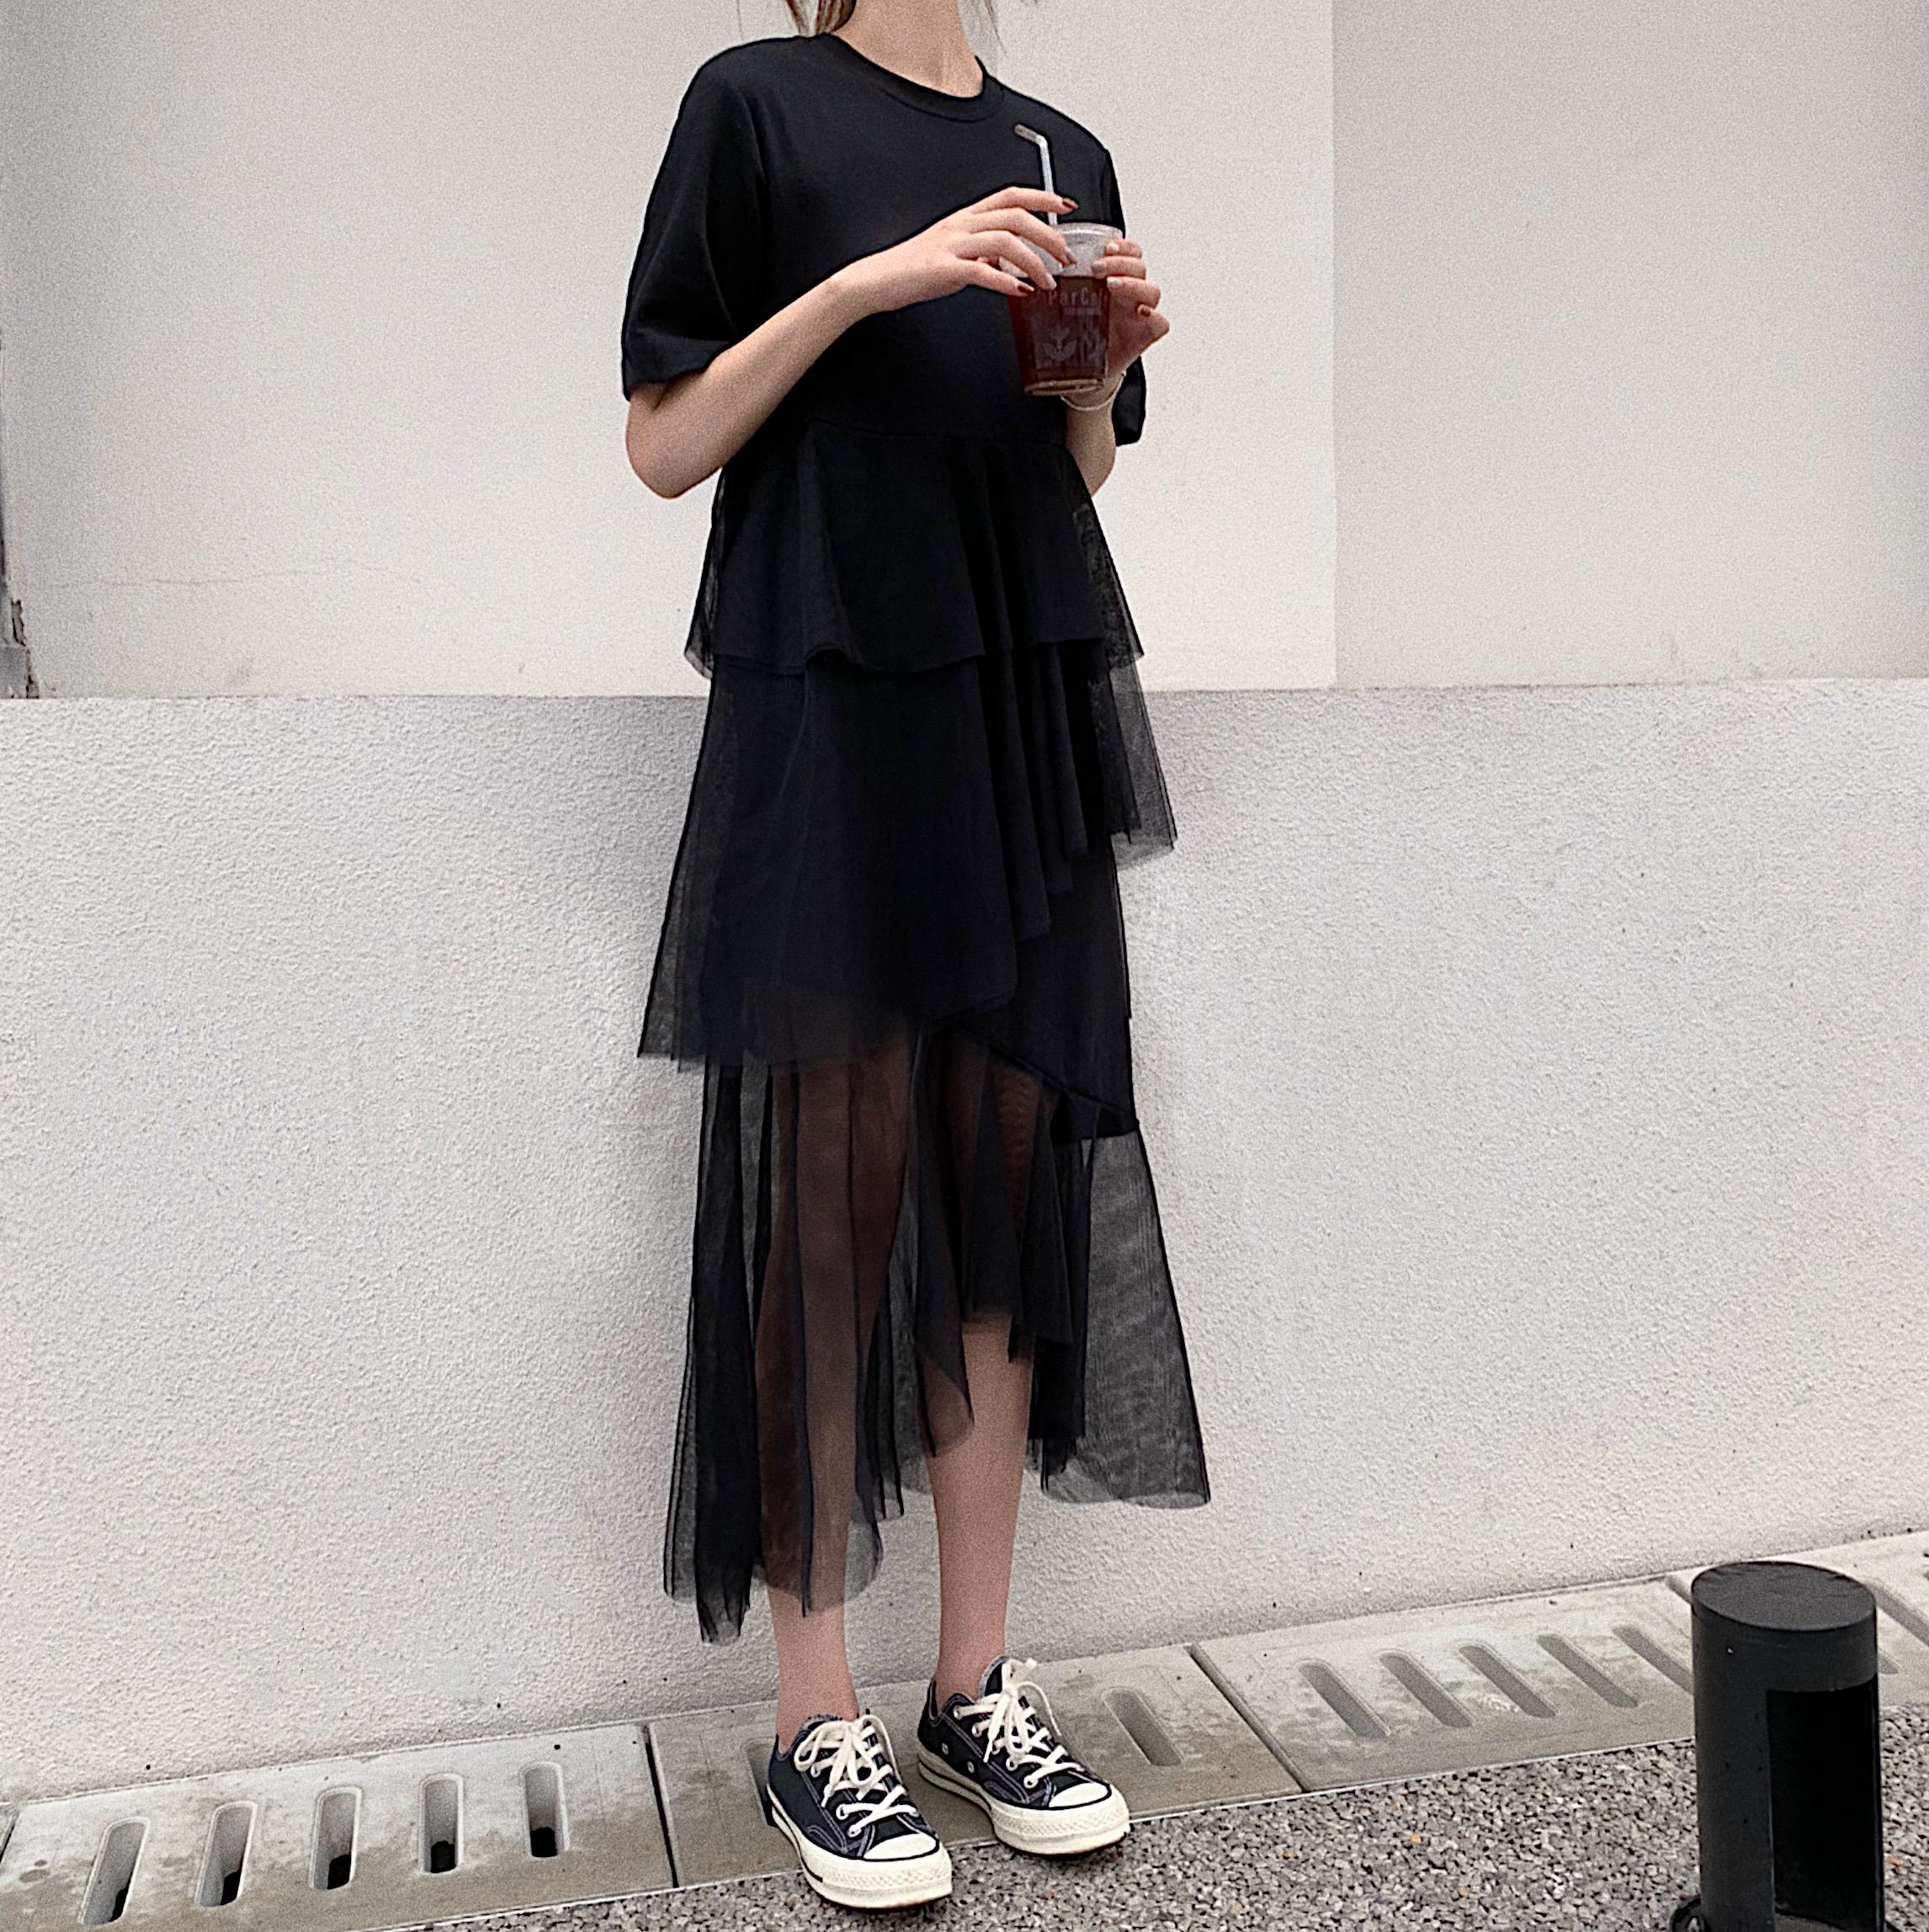 大量现货实拍?#23548;踾2019?#21512;?#26032;款韩版短袖不规则连衣裙拼接网纱裙